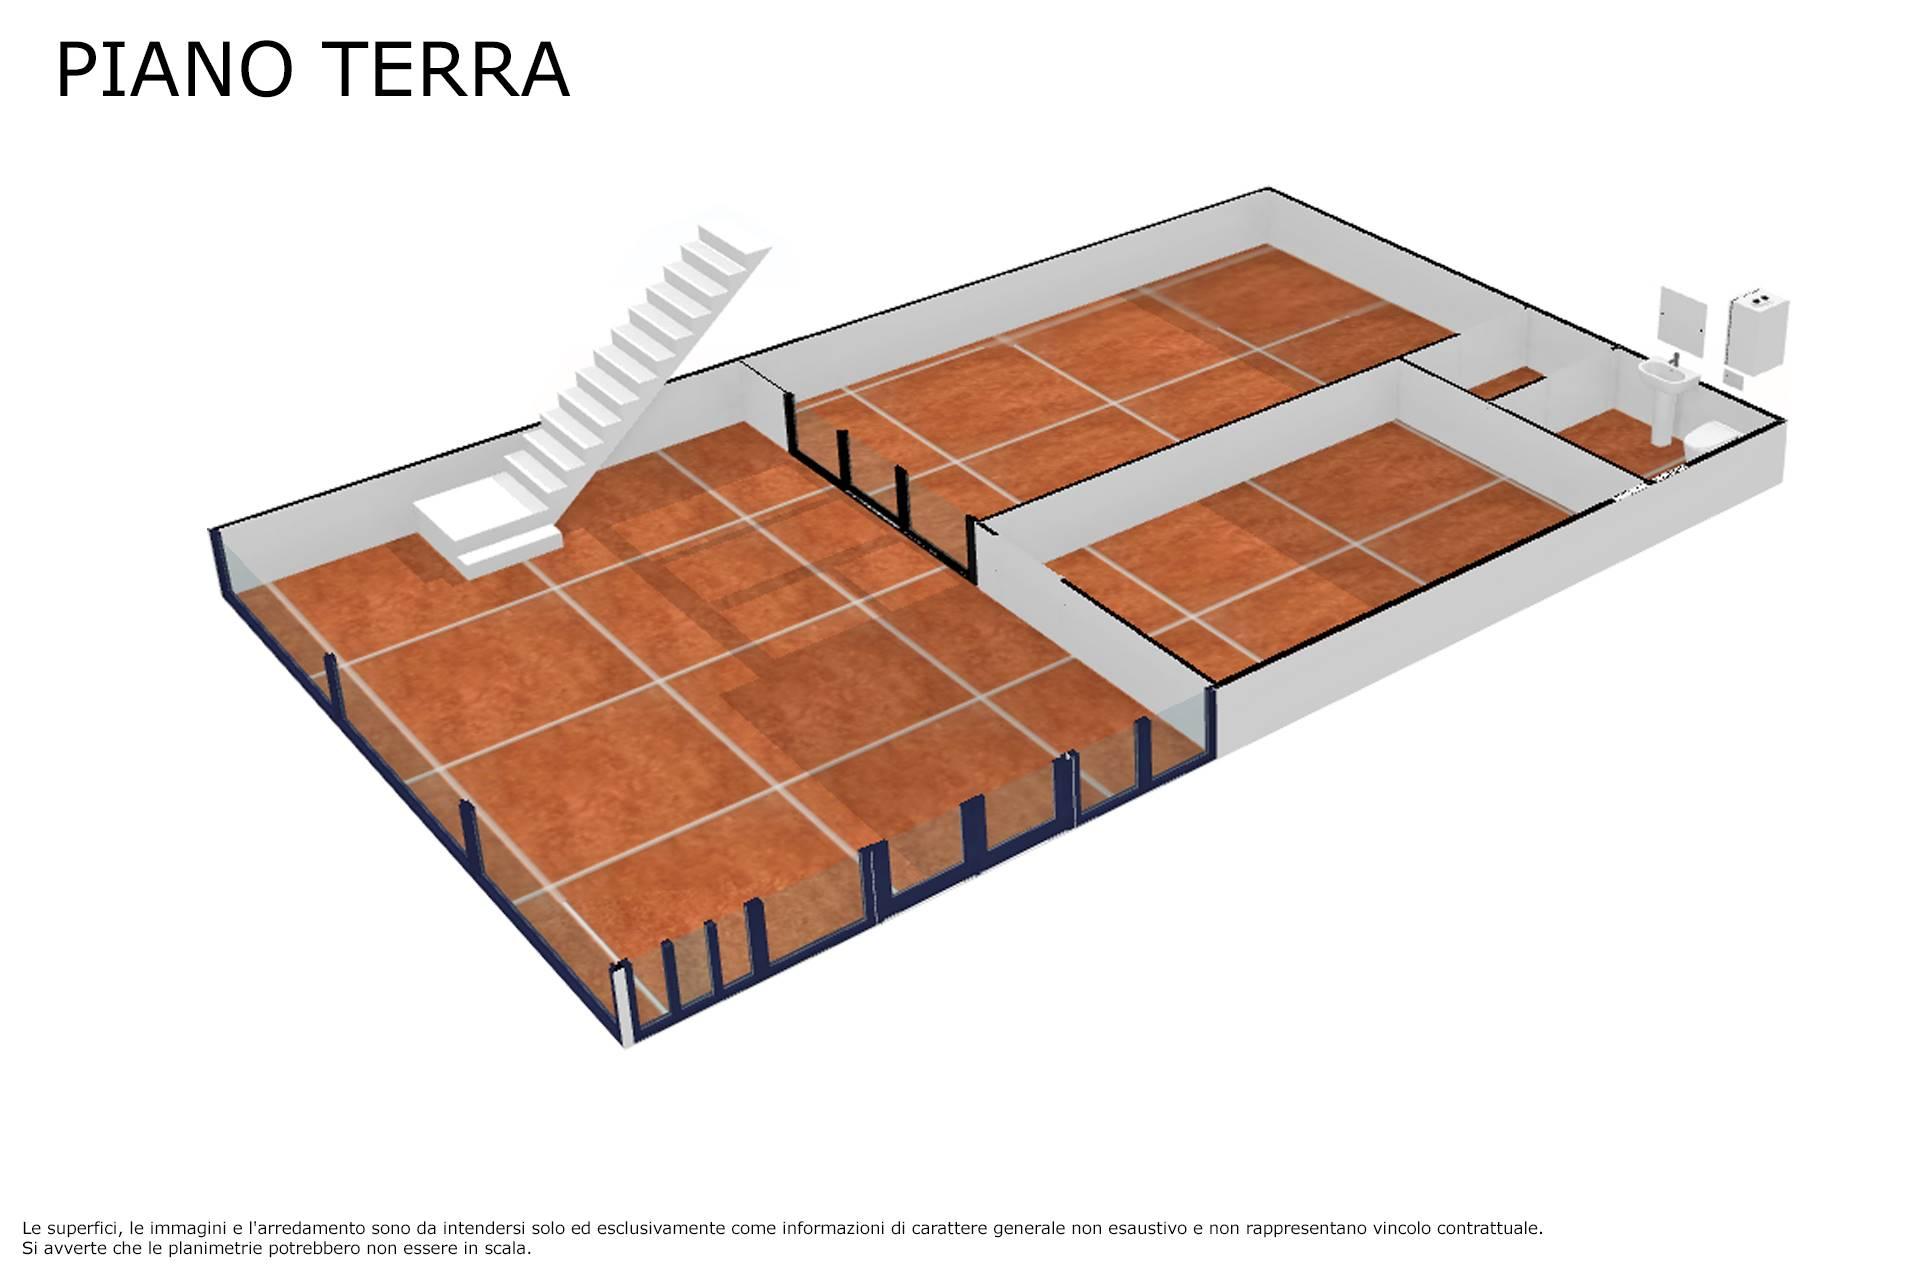 Planimetria piano terra 3D